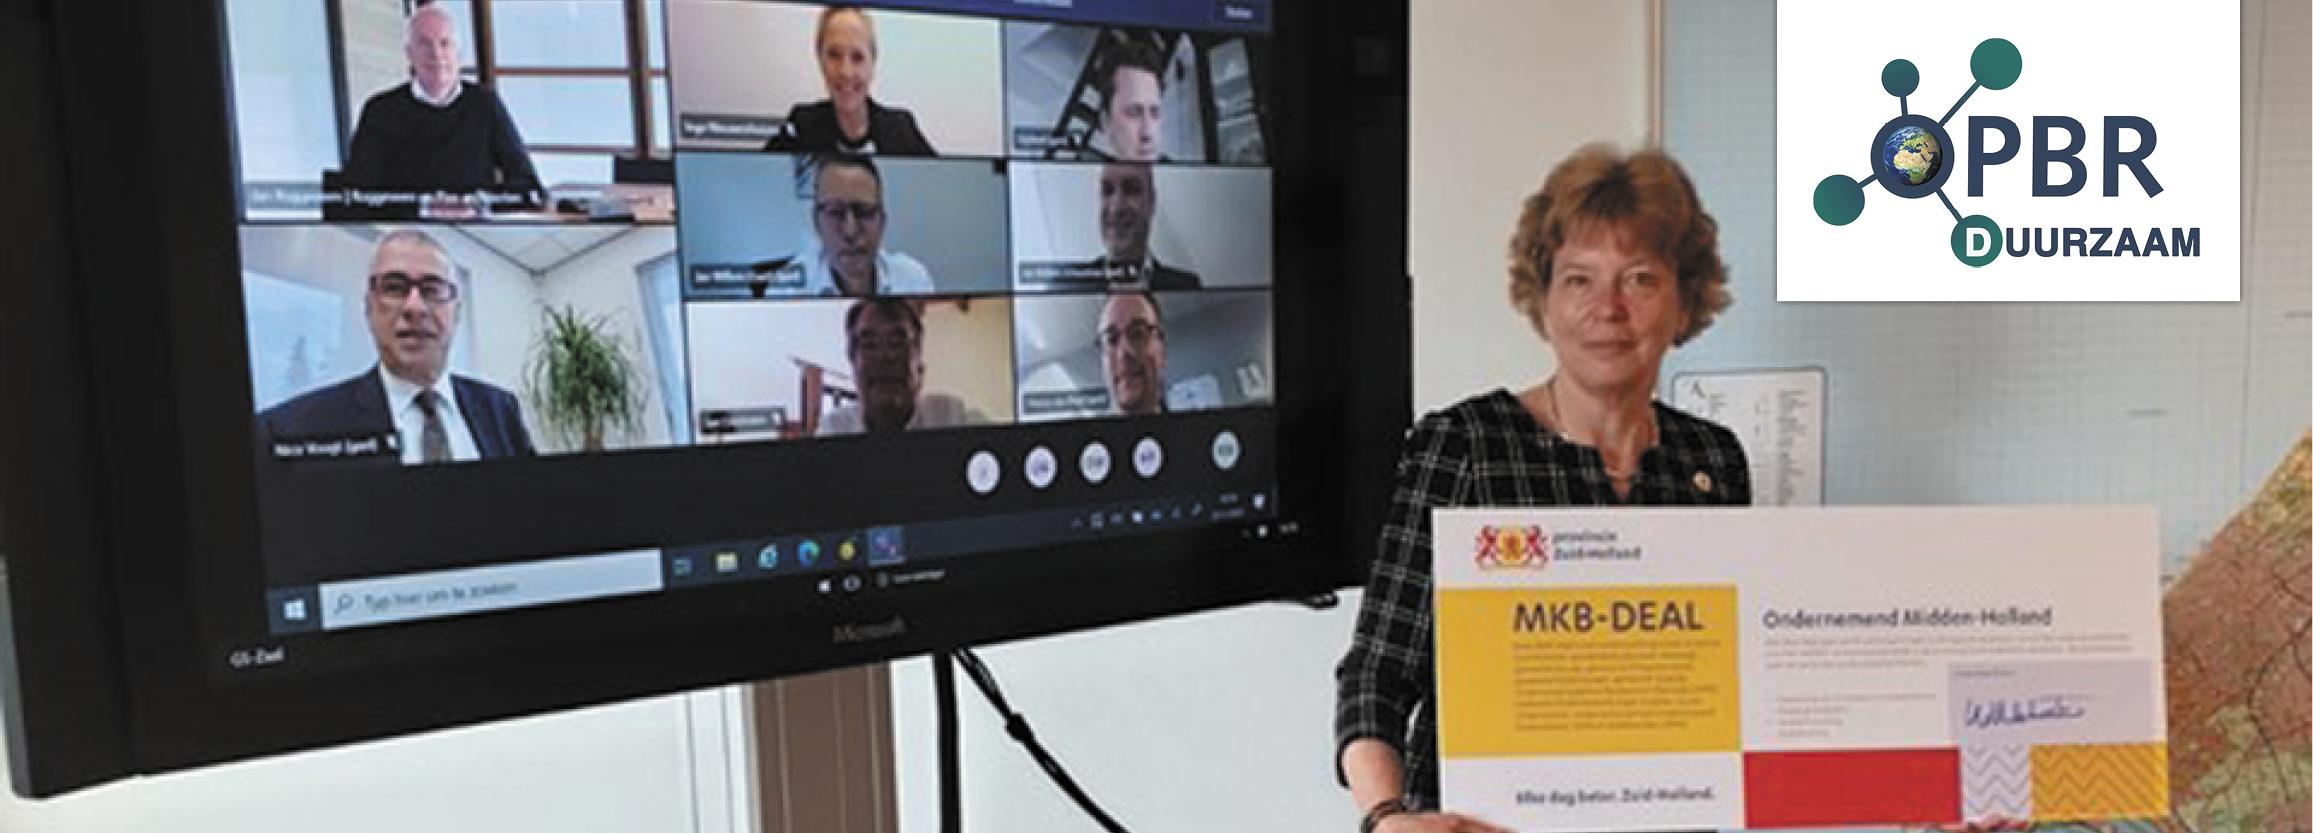 Een vrouw houdt het certificaat van de mkb-deal vast voor een scherm met alle betrokkenen in een videocall.